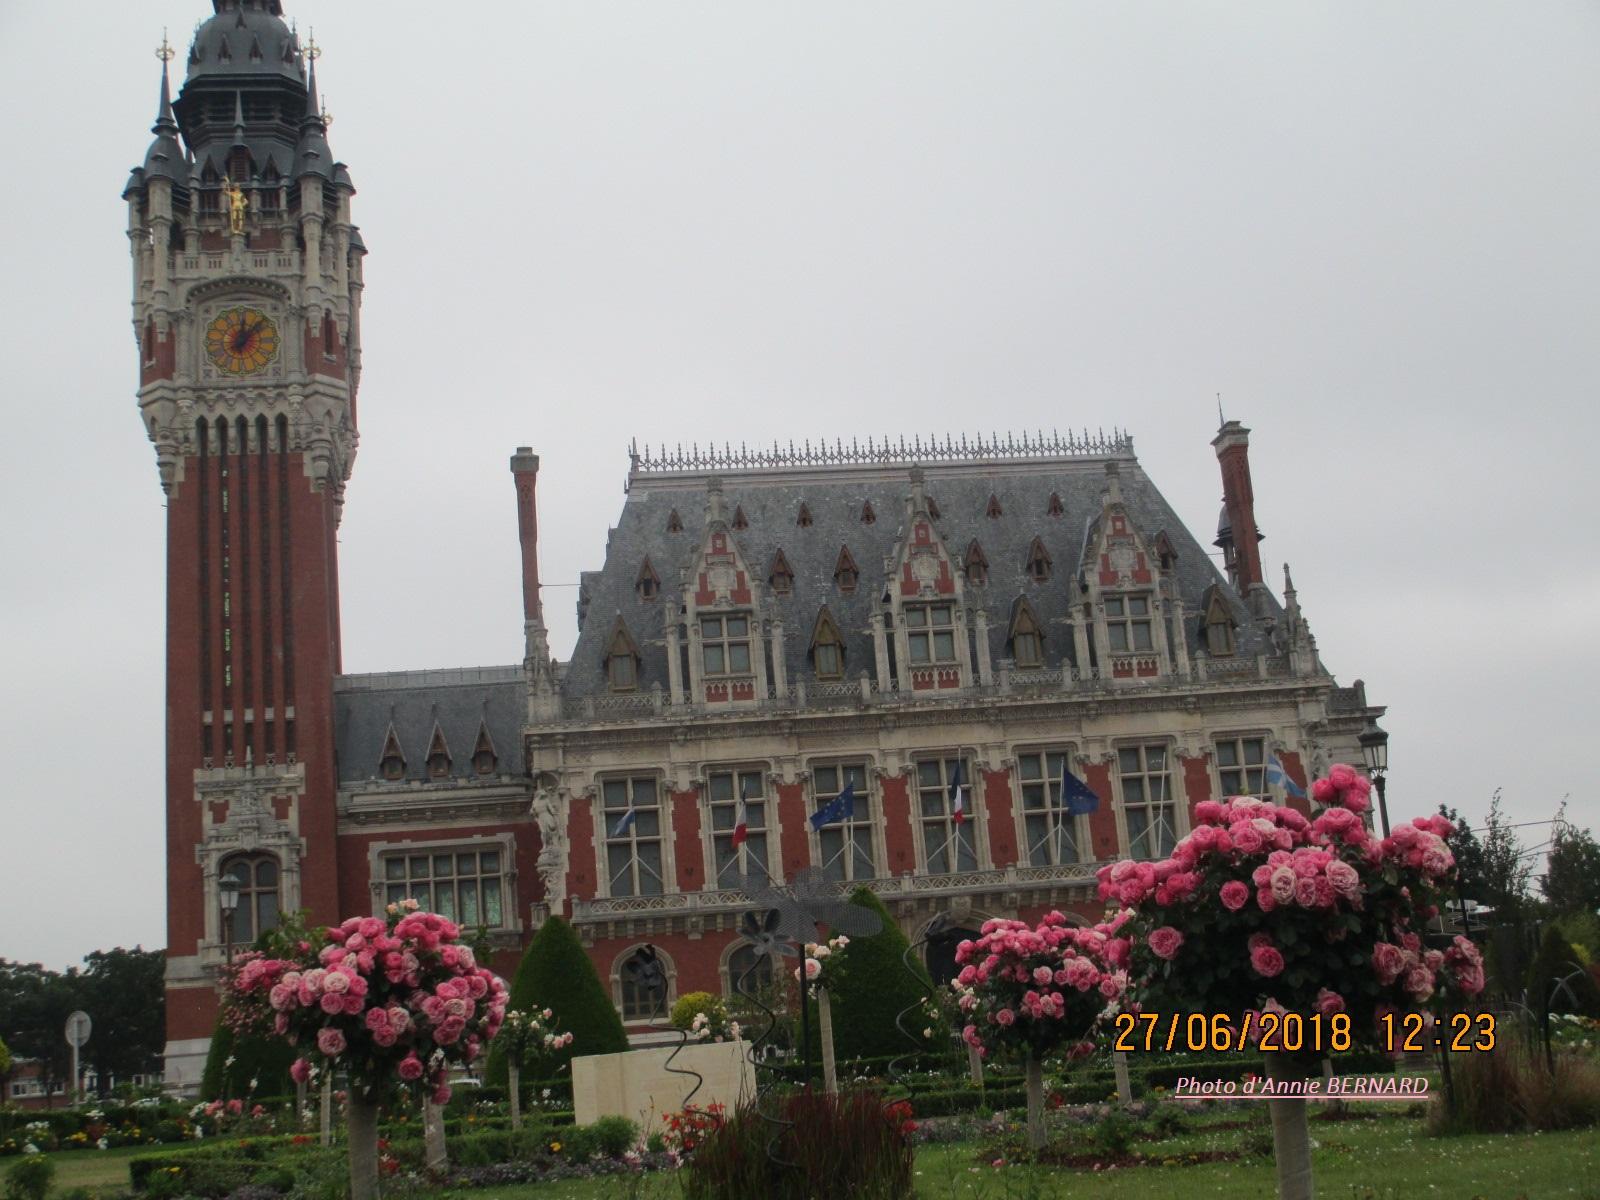 Belle vue sur l'Hôtel de Ville de Calais